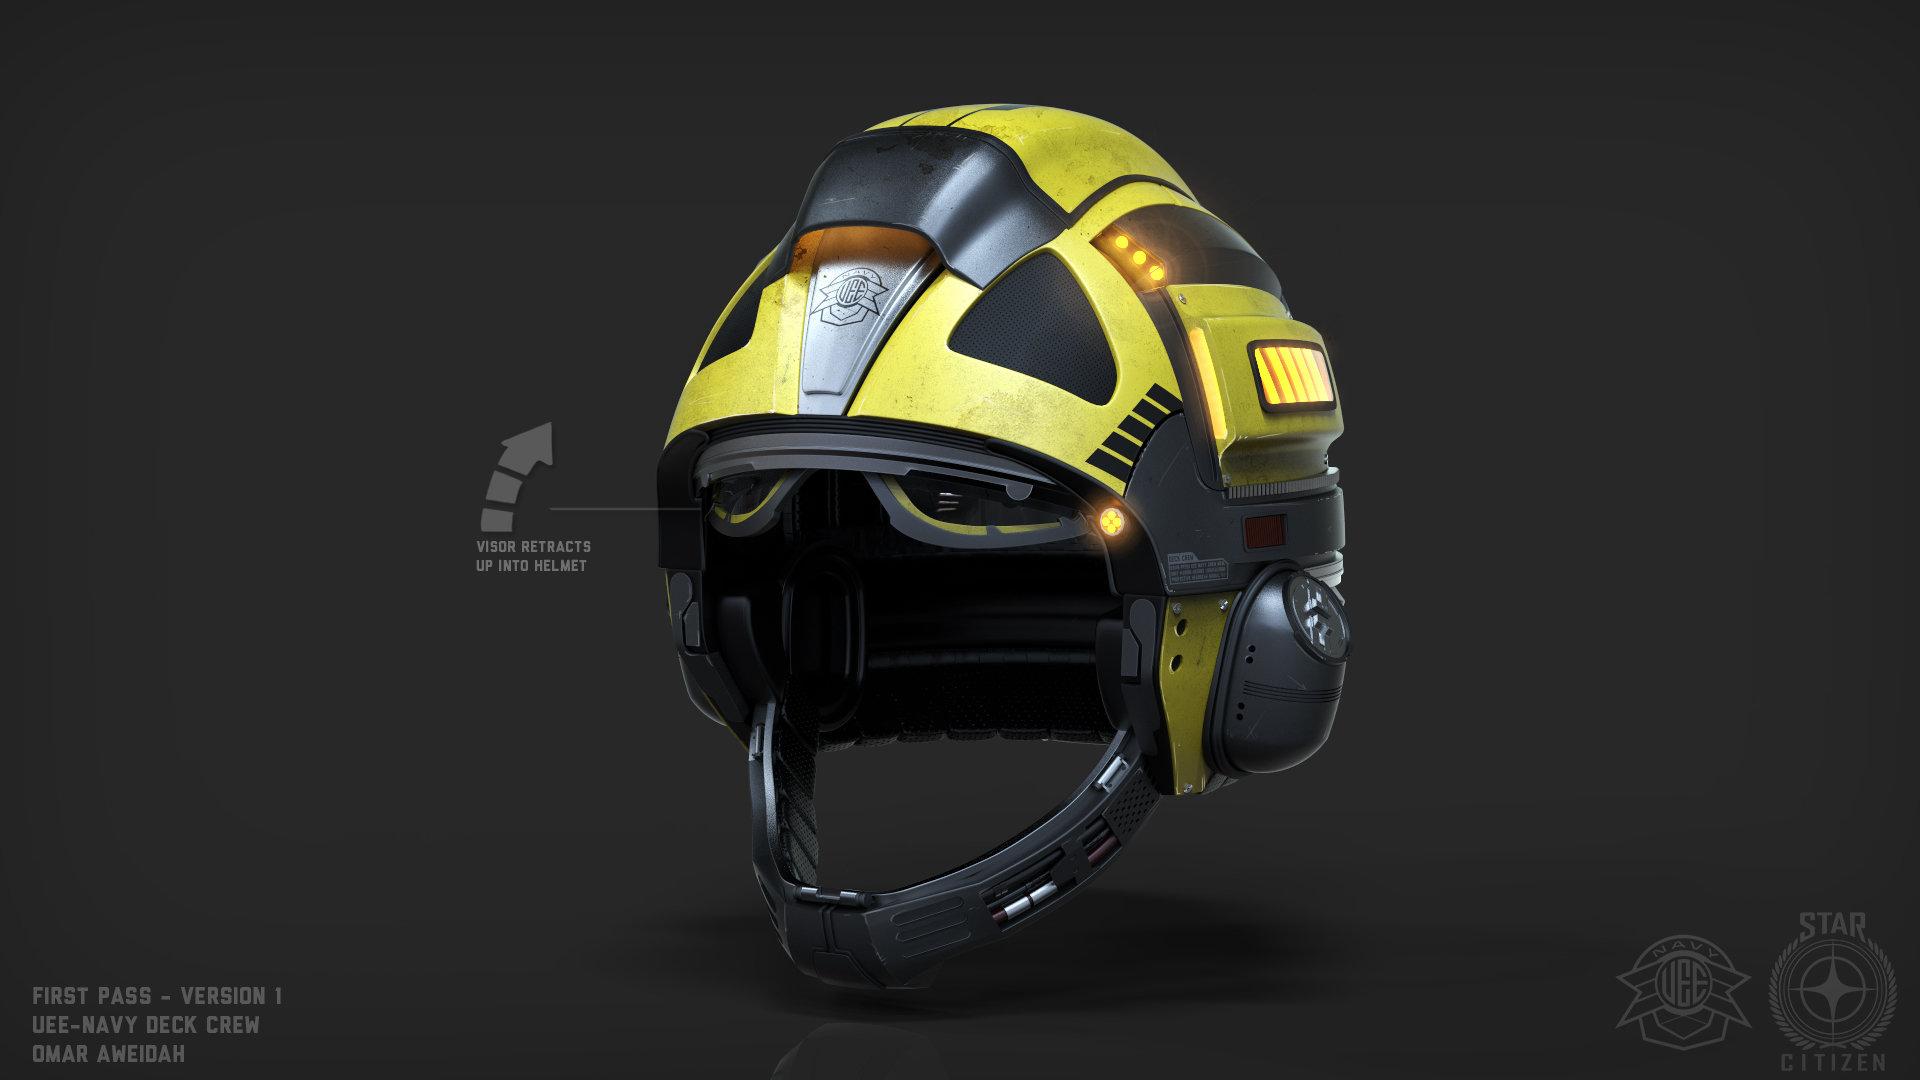 New Helmet Design